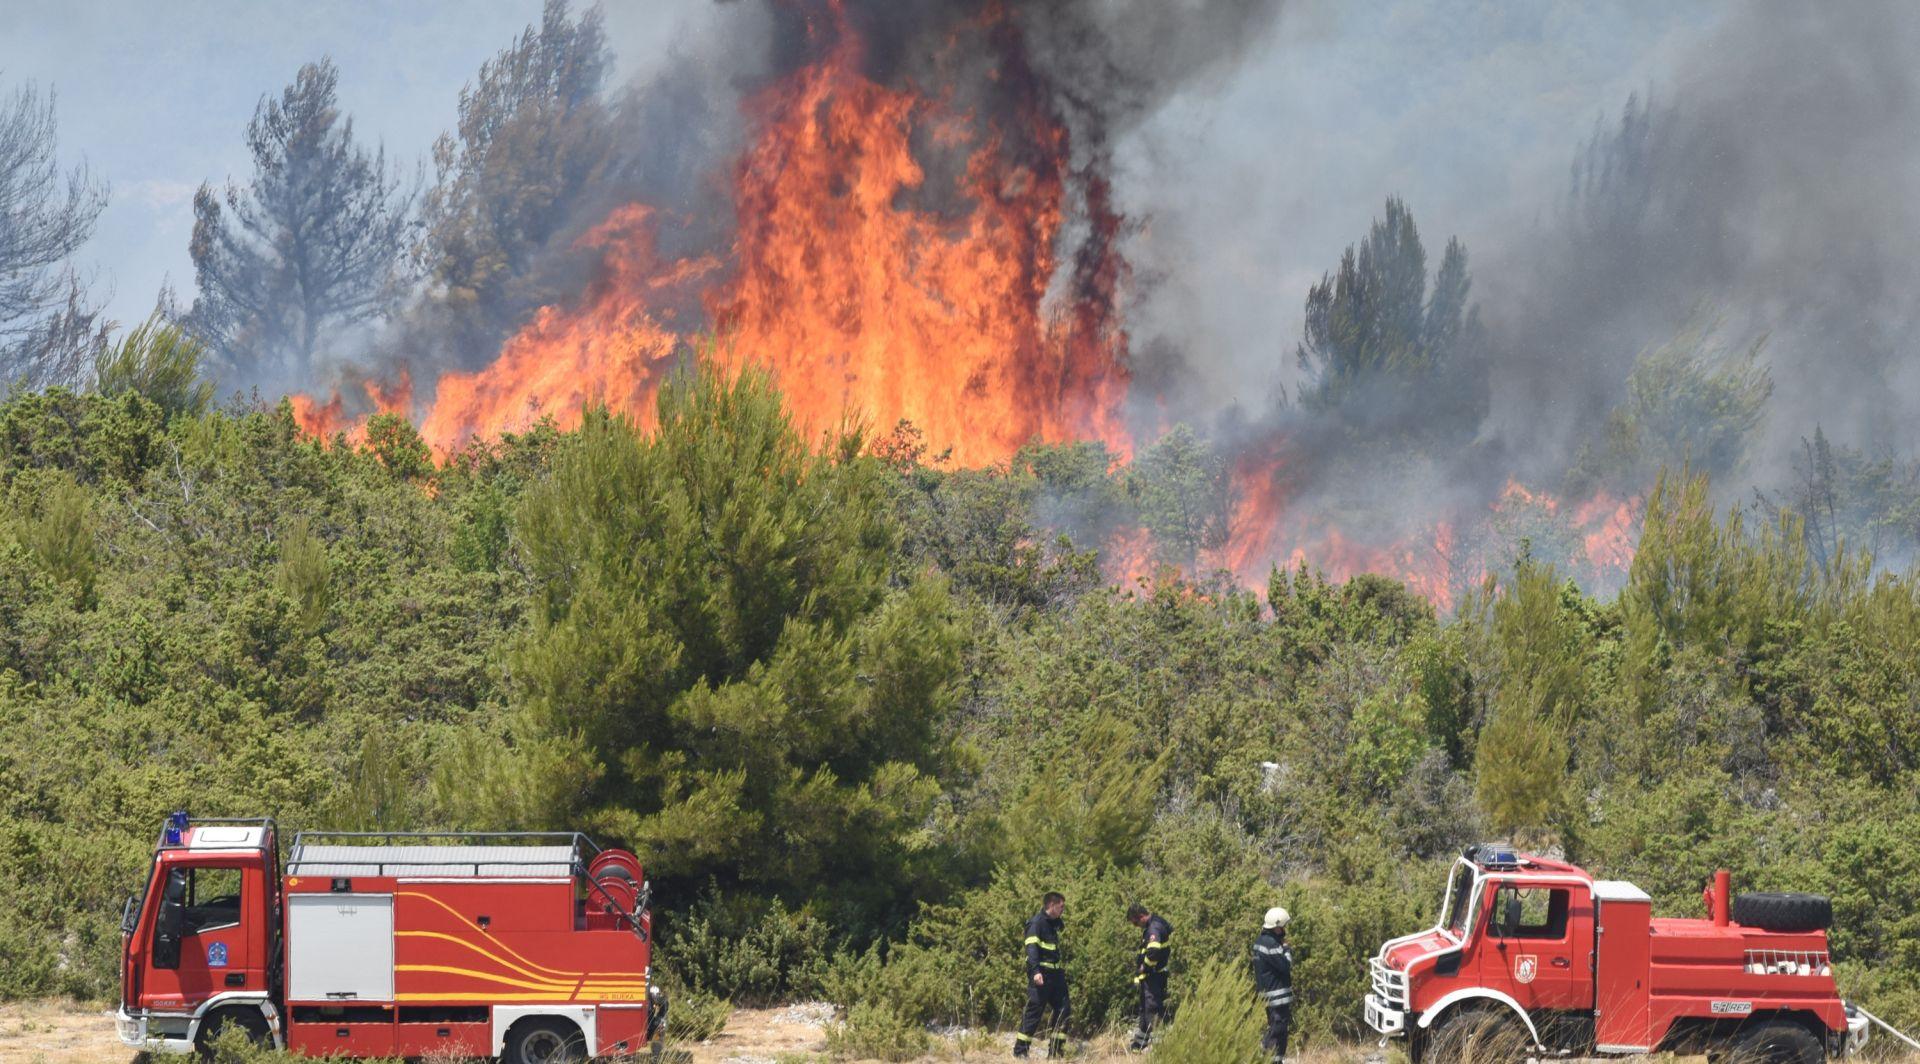 OPET GORJELO U DALMACIJI Ugašeni požari u Stonu, na Pelješcu i Korčuli